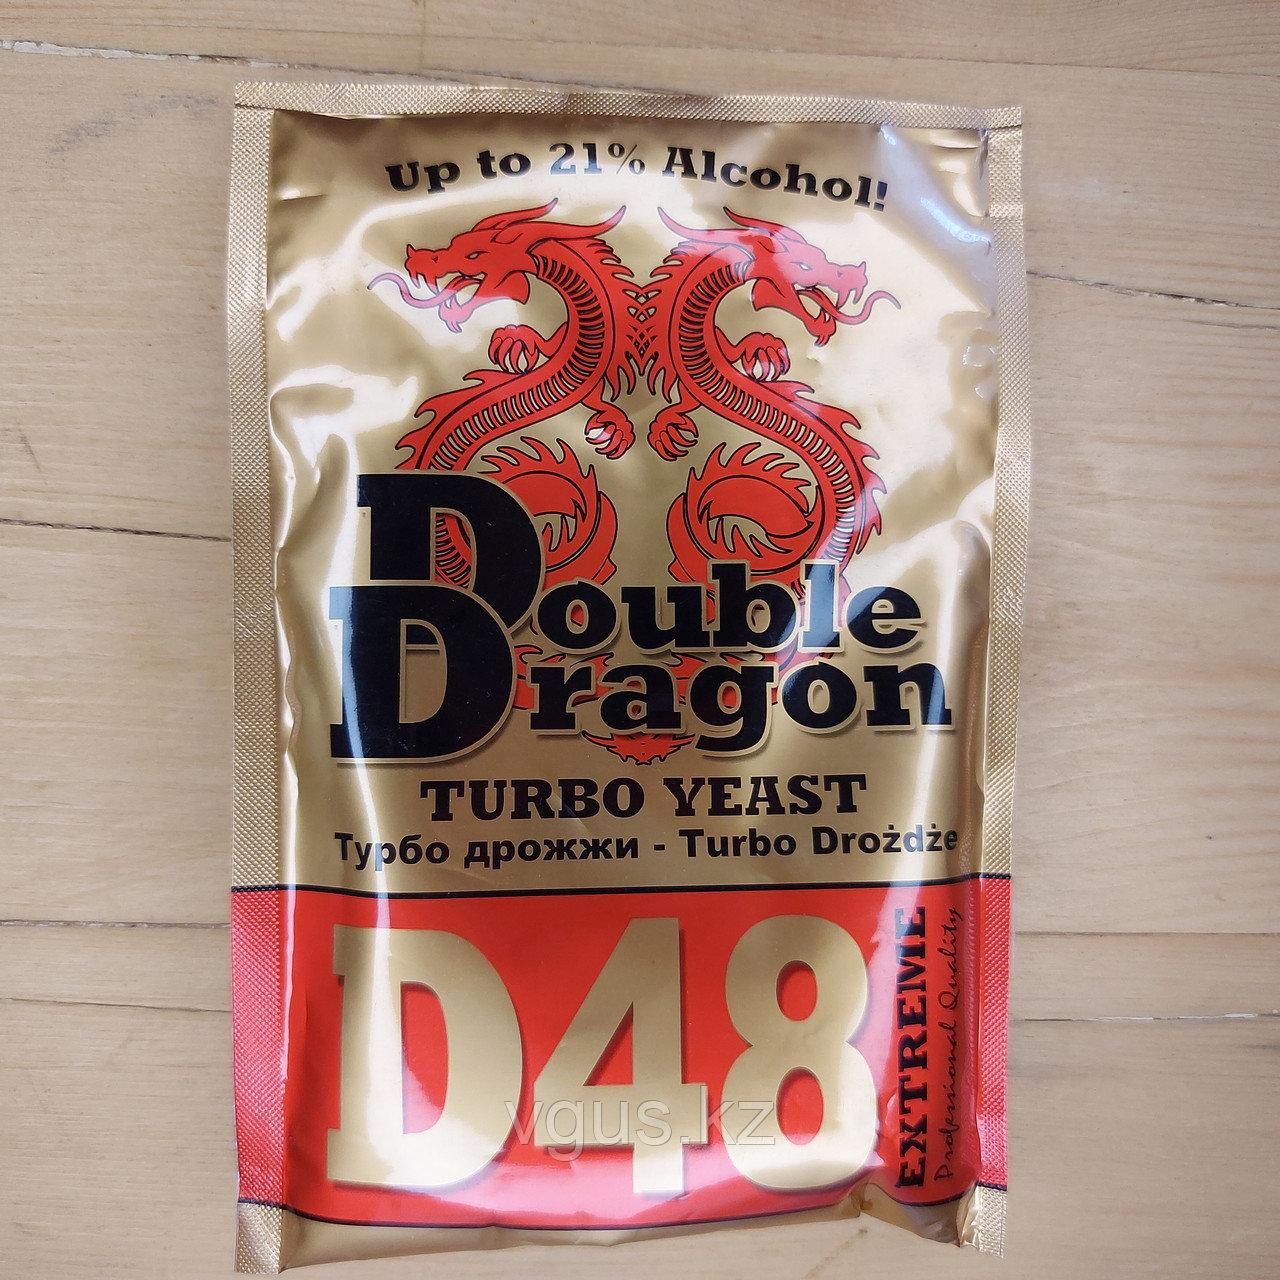 Дрожжи Double Dragon D48 Turbo yeast 130гр.